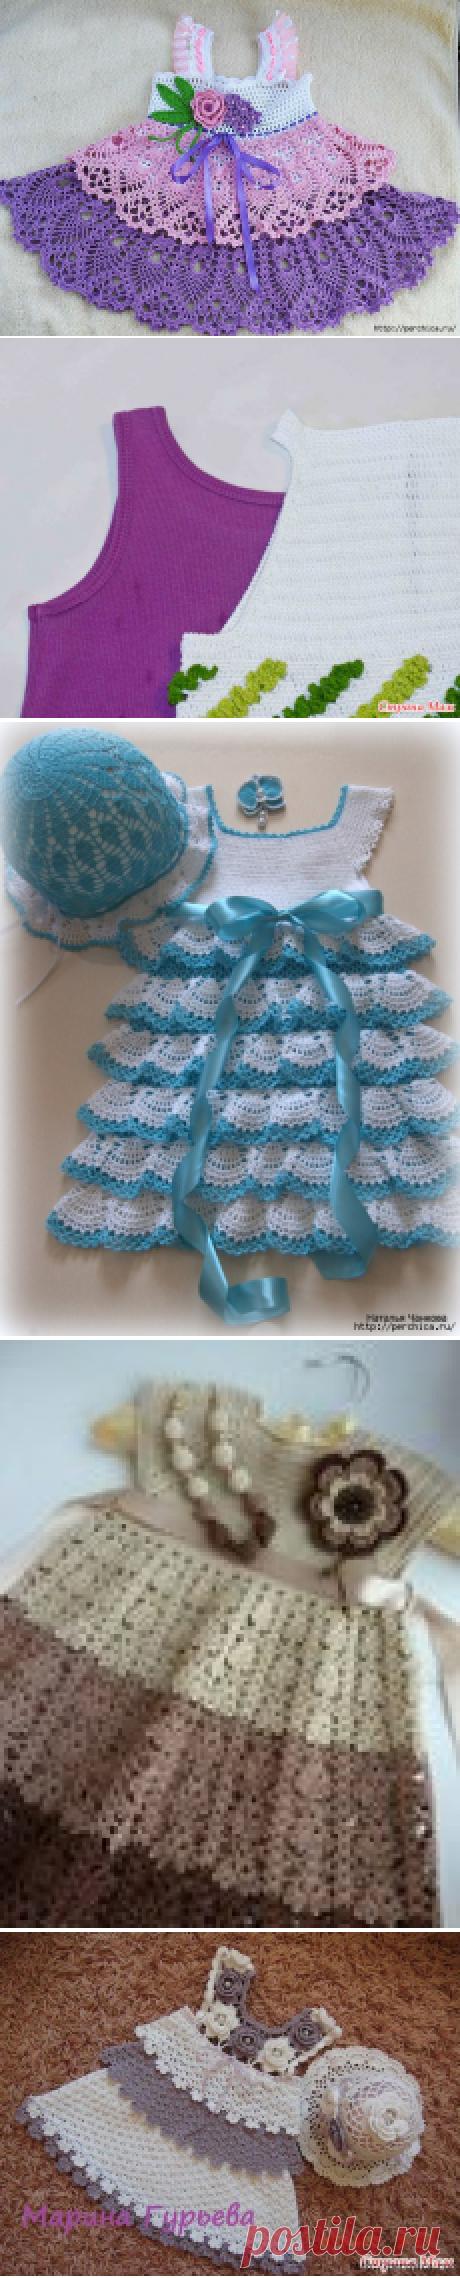 Как правильно вязать кокетку для детских платьев - советы и мк